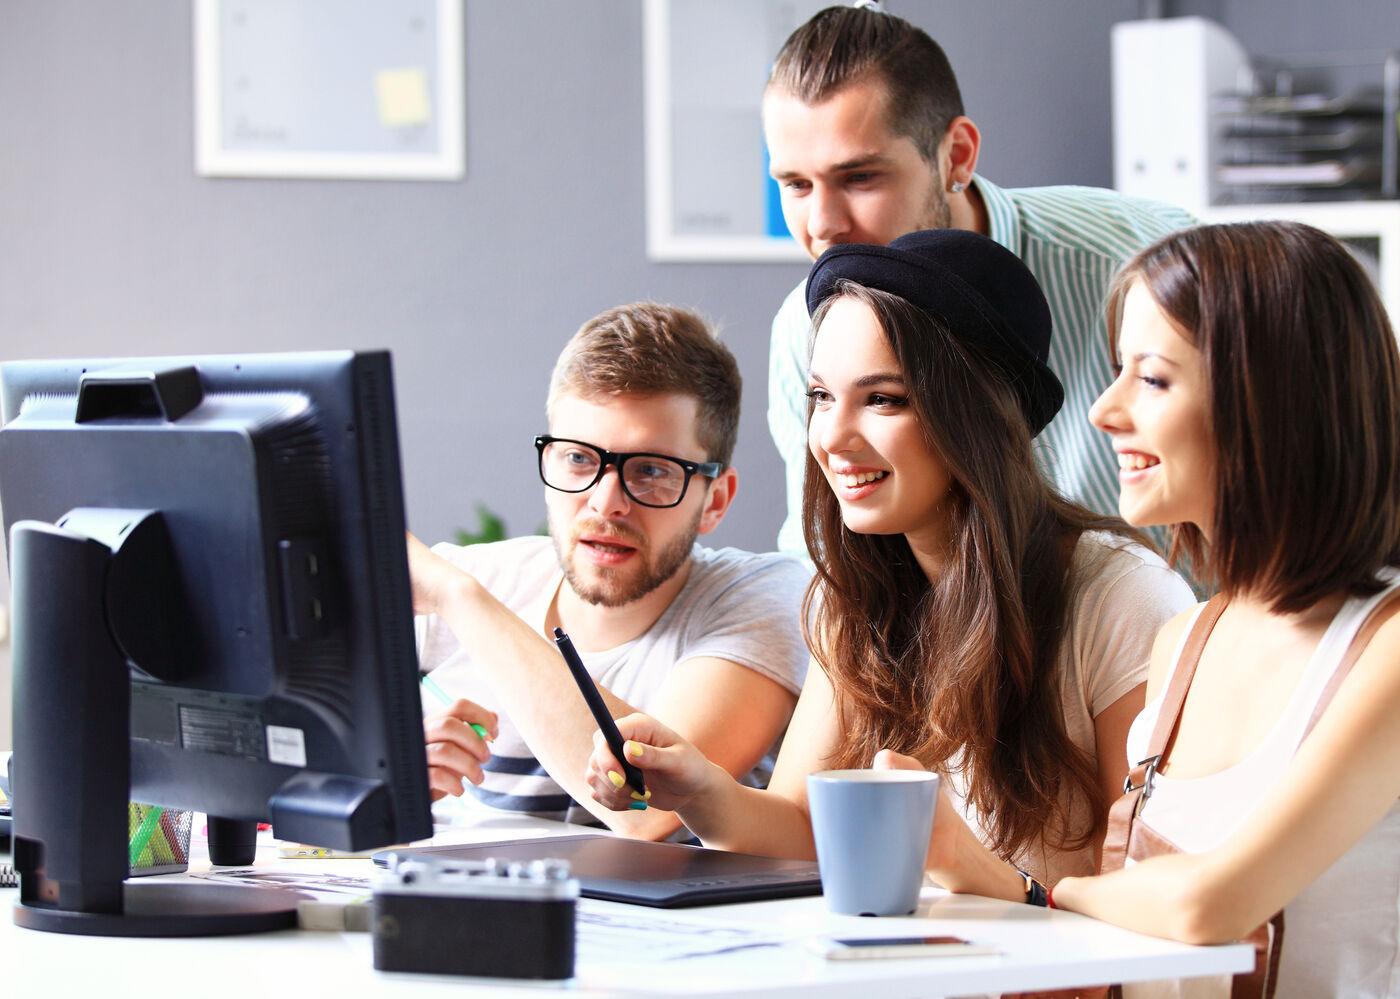 Praktikum Fachbereich Informatik, Wirtschafts-Informatik (m/w/d) - Job - Application form